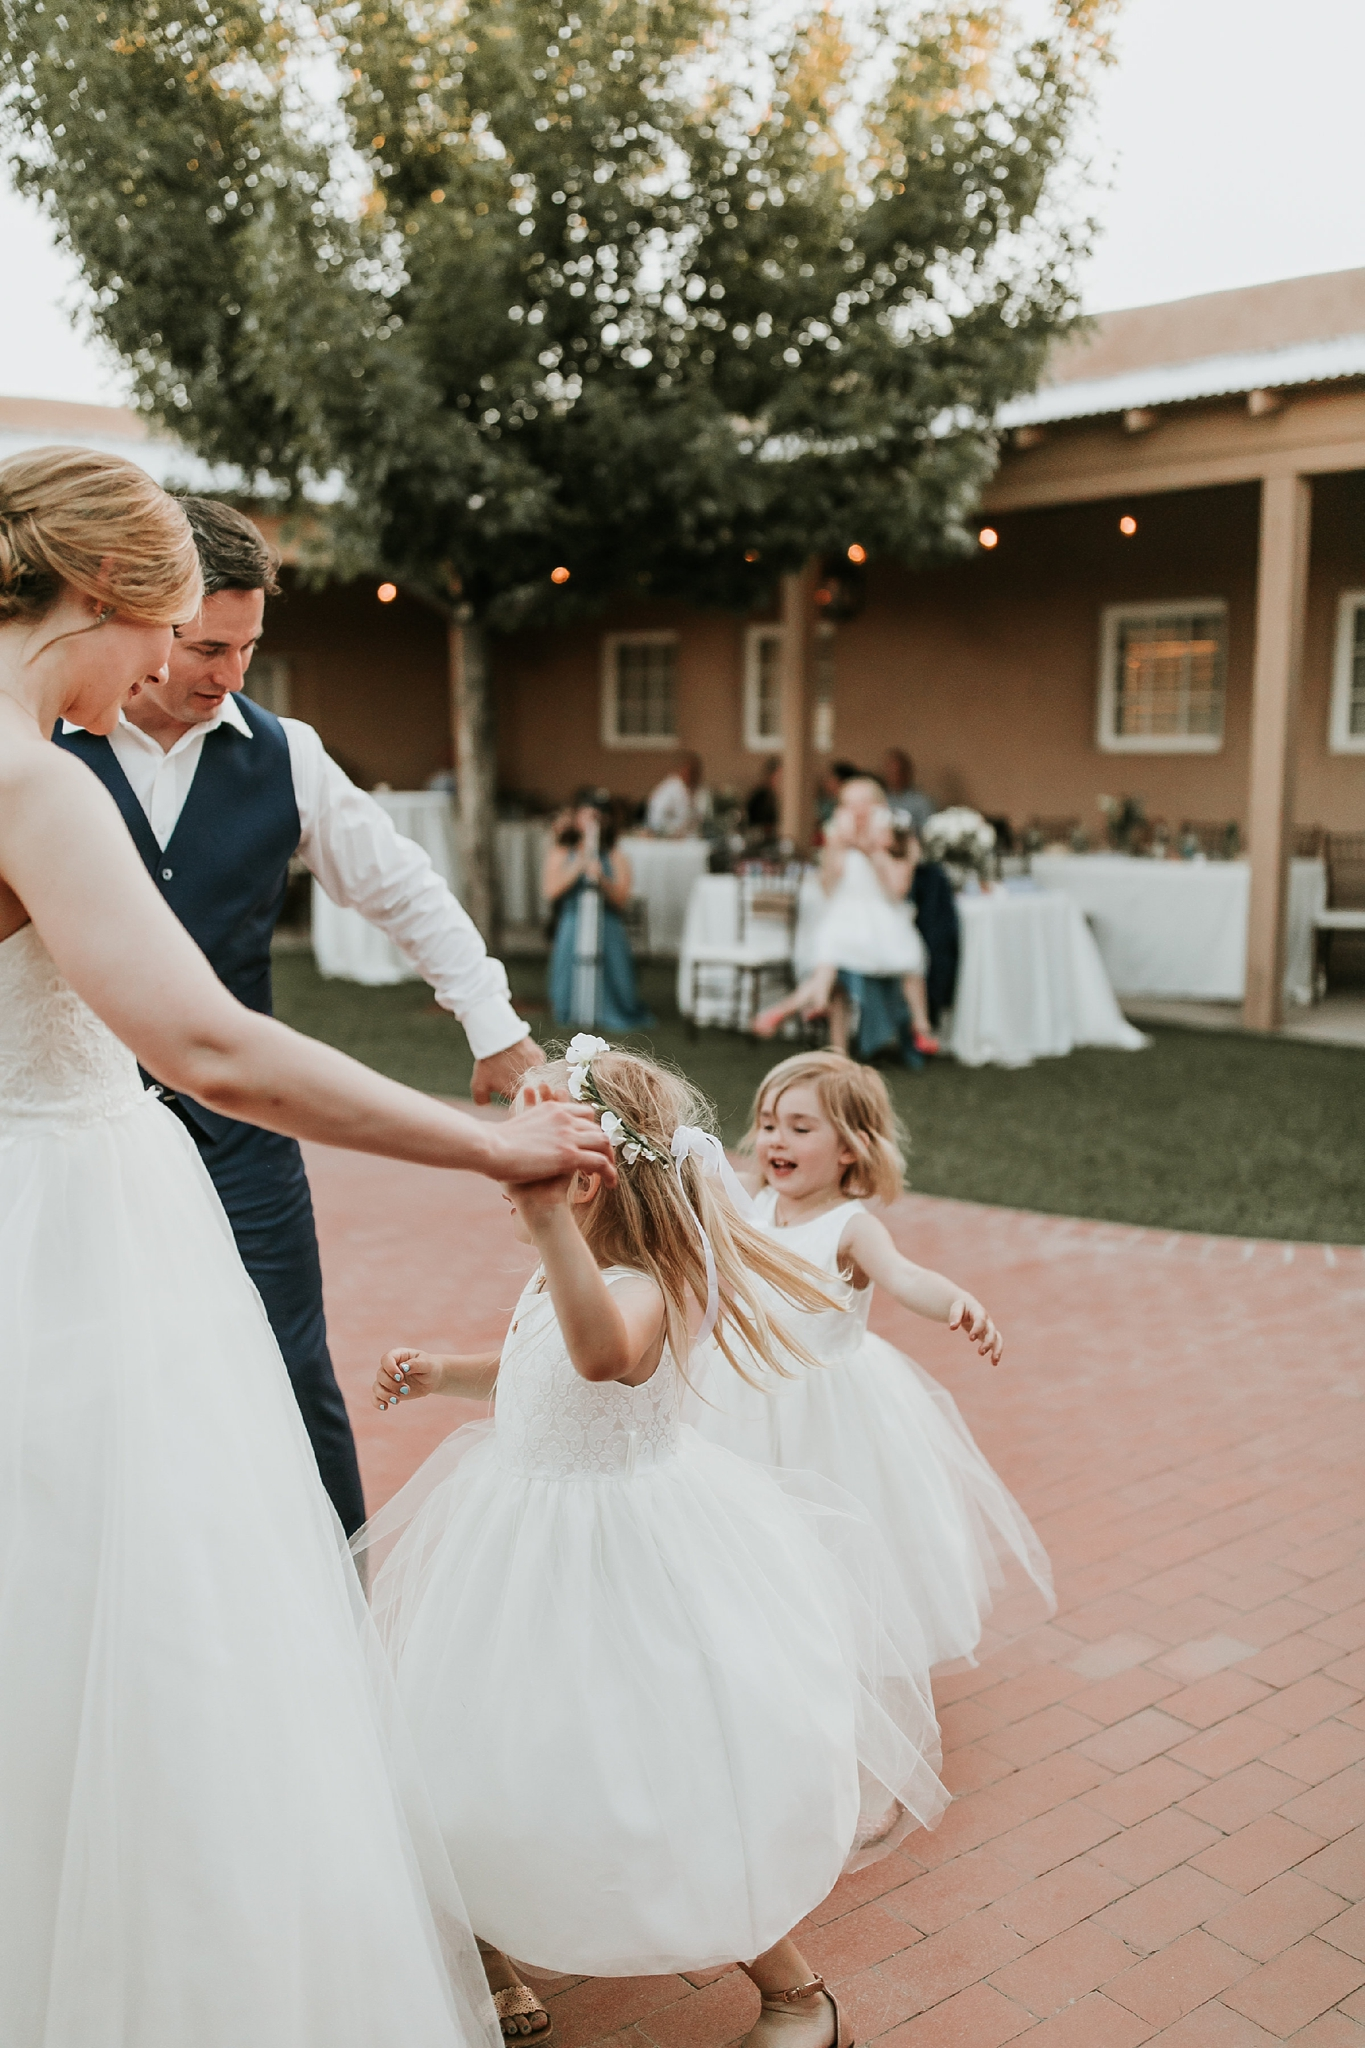 Alicia+lucia+photography+-+albuquerque+wedding+photographer+-+santa+fe+wedding+photography+-+new+mexico+wedding+photographer+-+new+mexico+wedding+-+flower+girl+-+wedding+flower+girl_0053.jpg